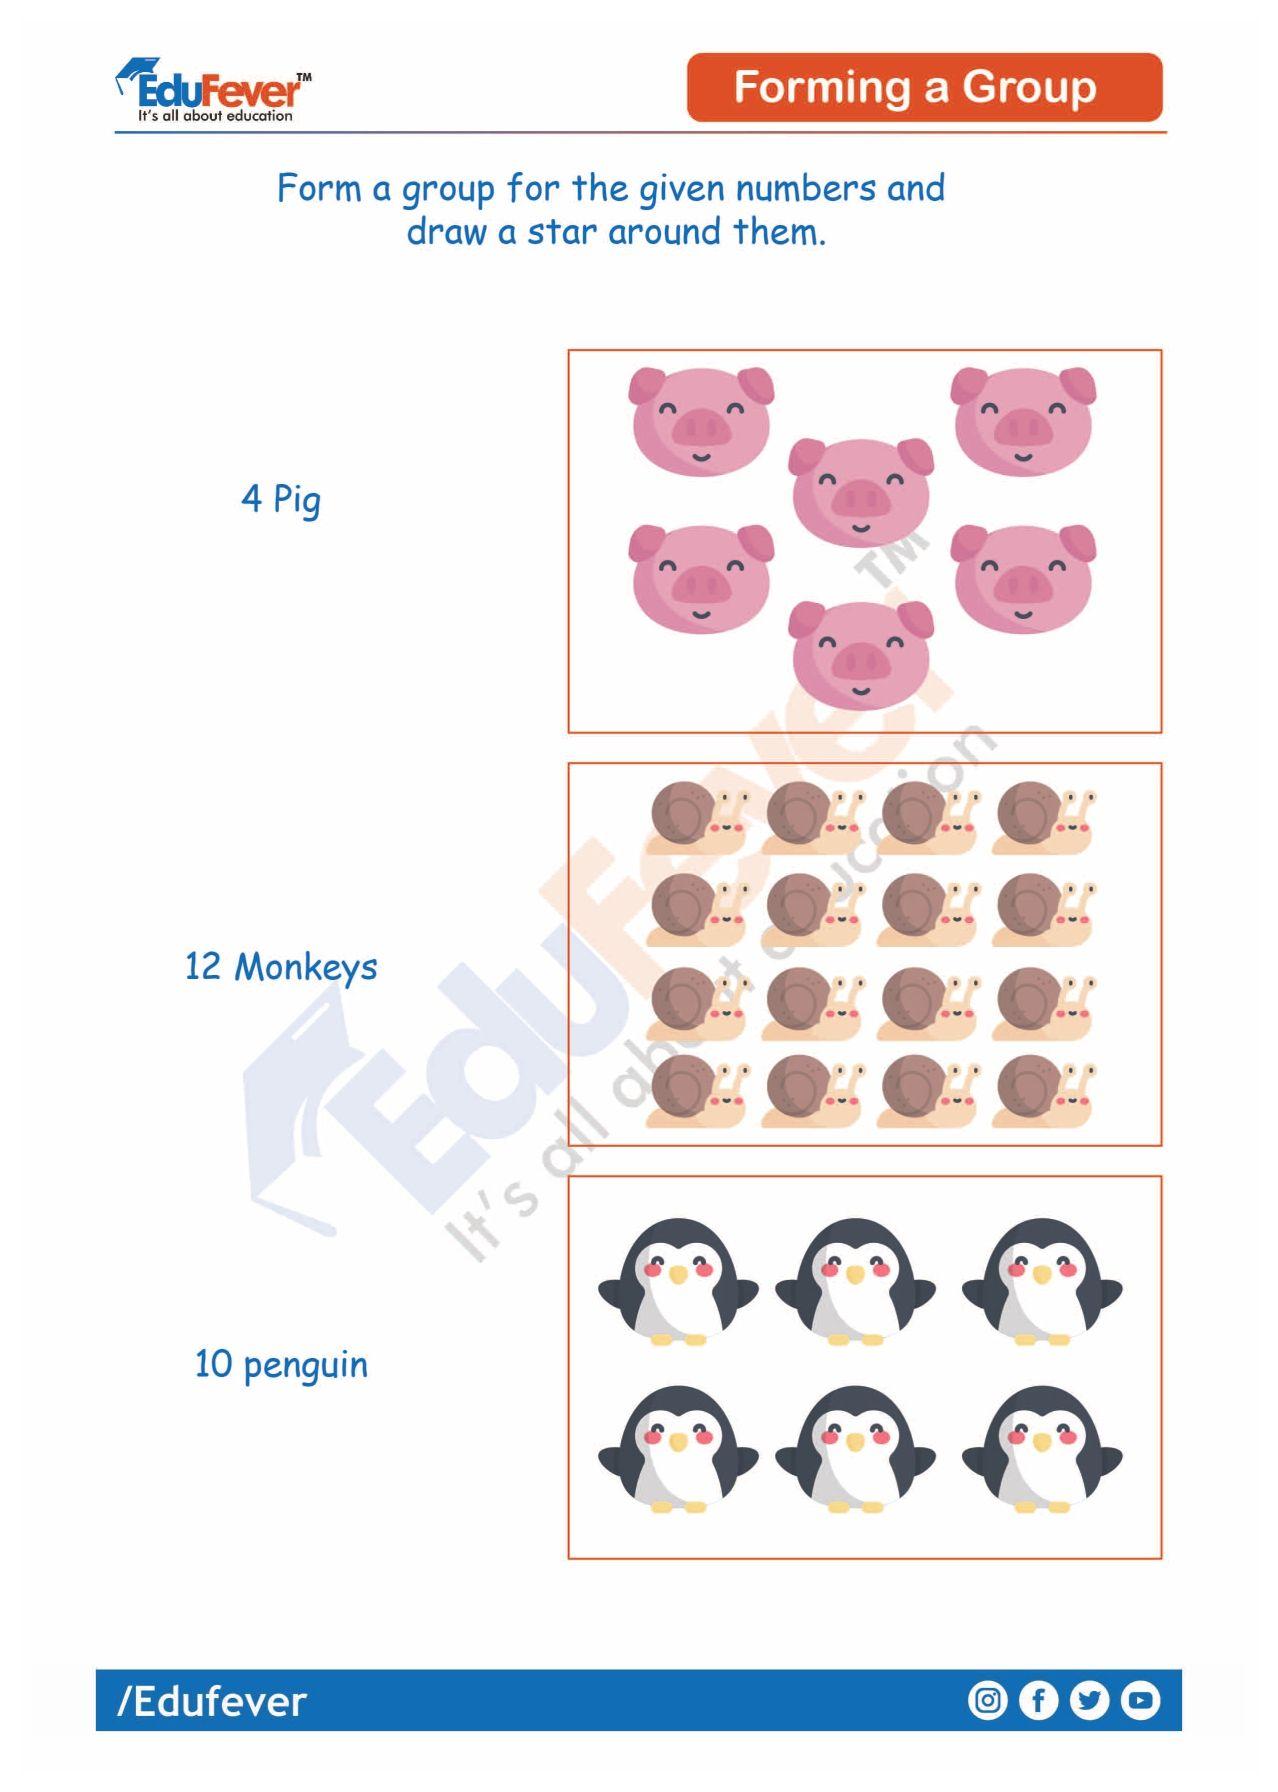 Forming A Group Ukg Maths Worksheet Number Worksheets Math Worksheet Mathematics Worksheets [ 1792 x 1278 Pixel ]